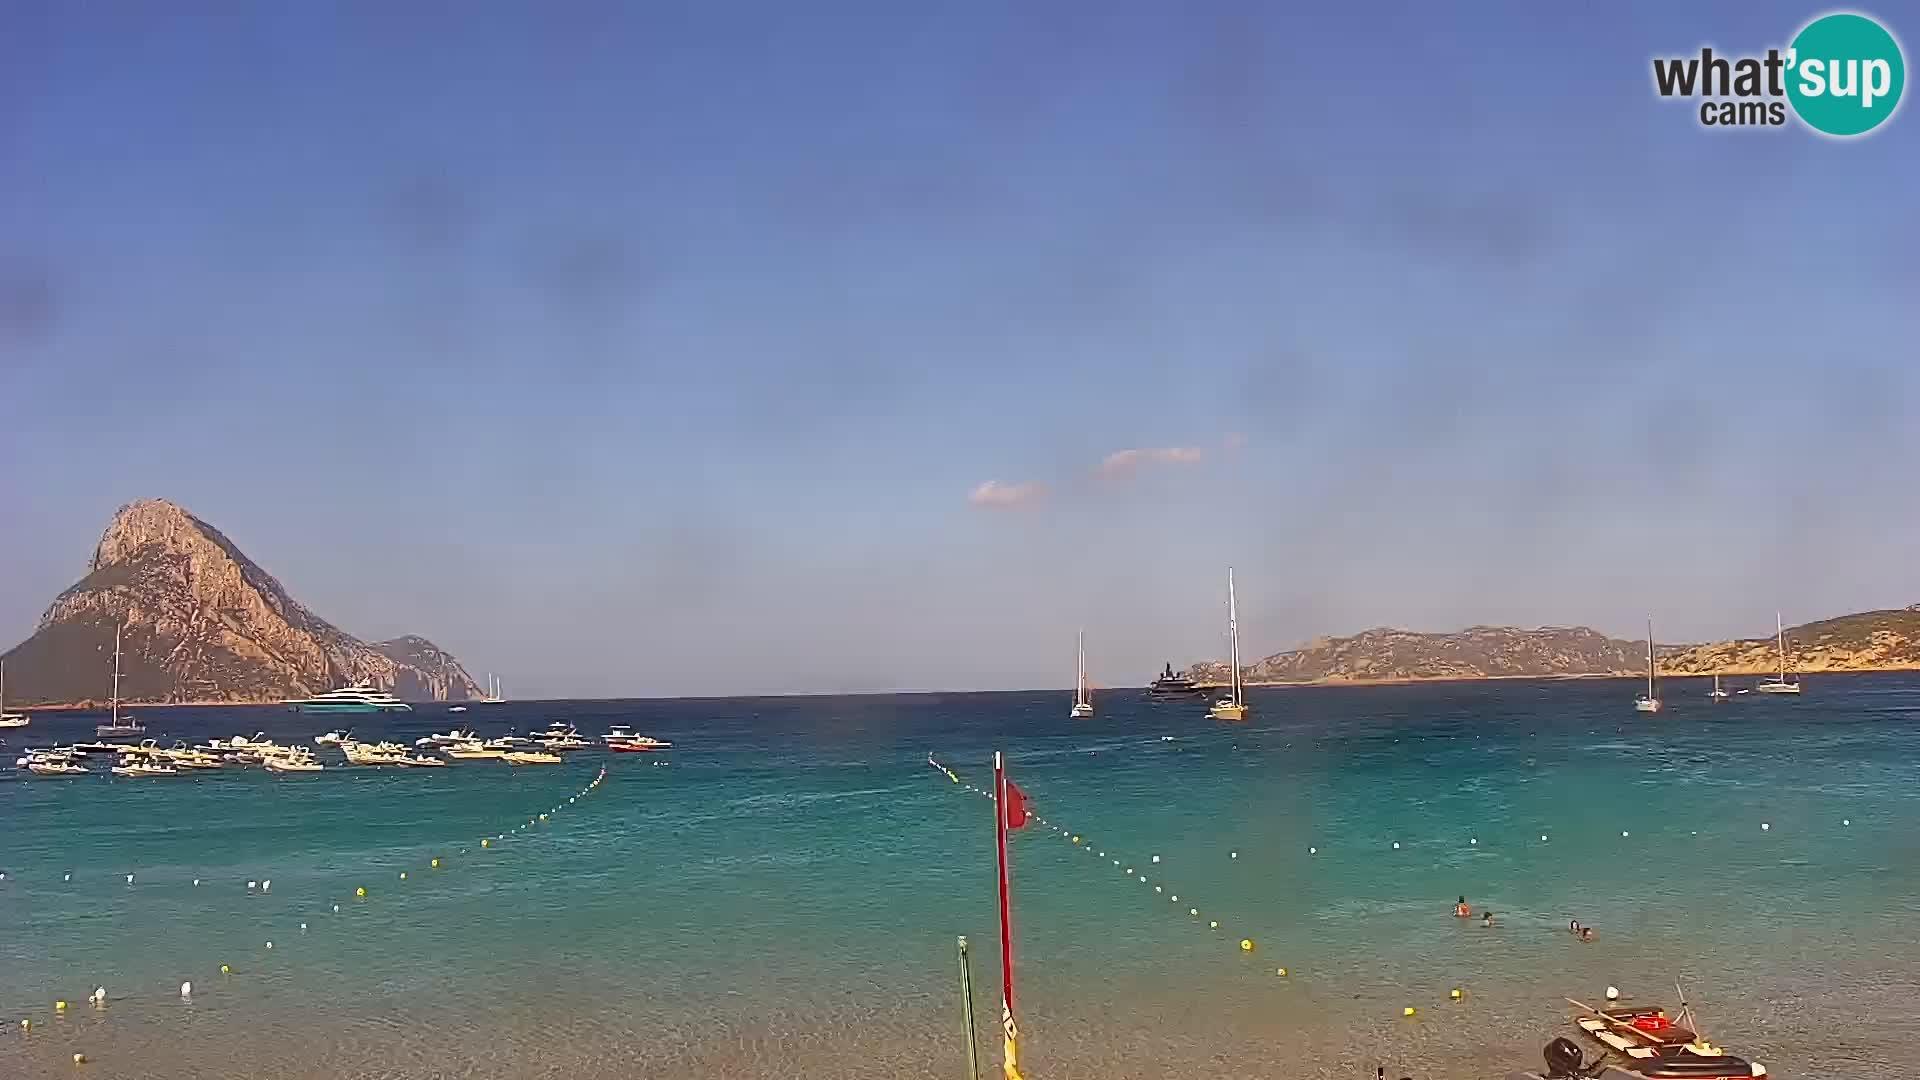 Spletna kamera Loiri porto San Paolo – Porto Taverna v živo Sardinija – Italija